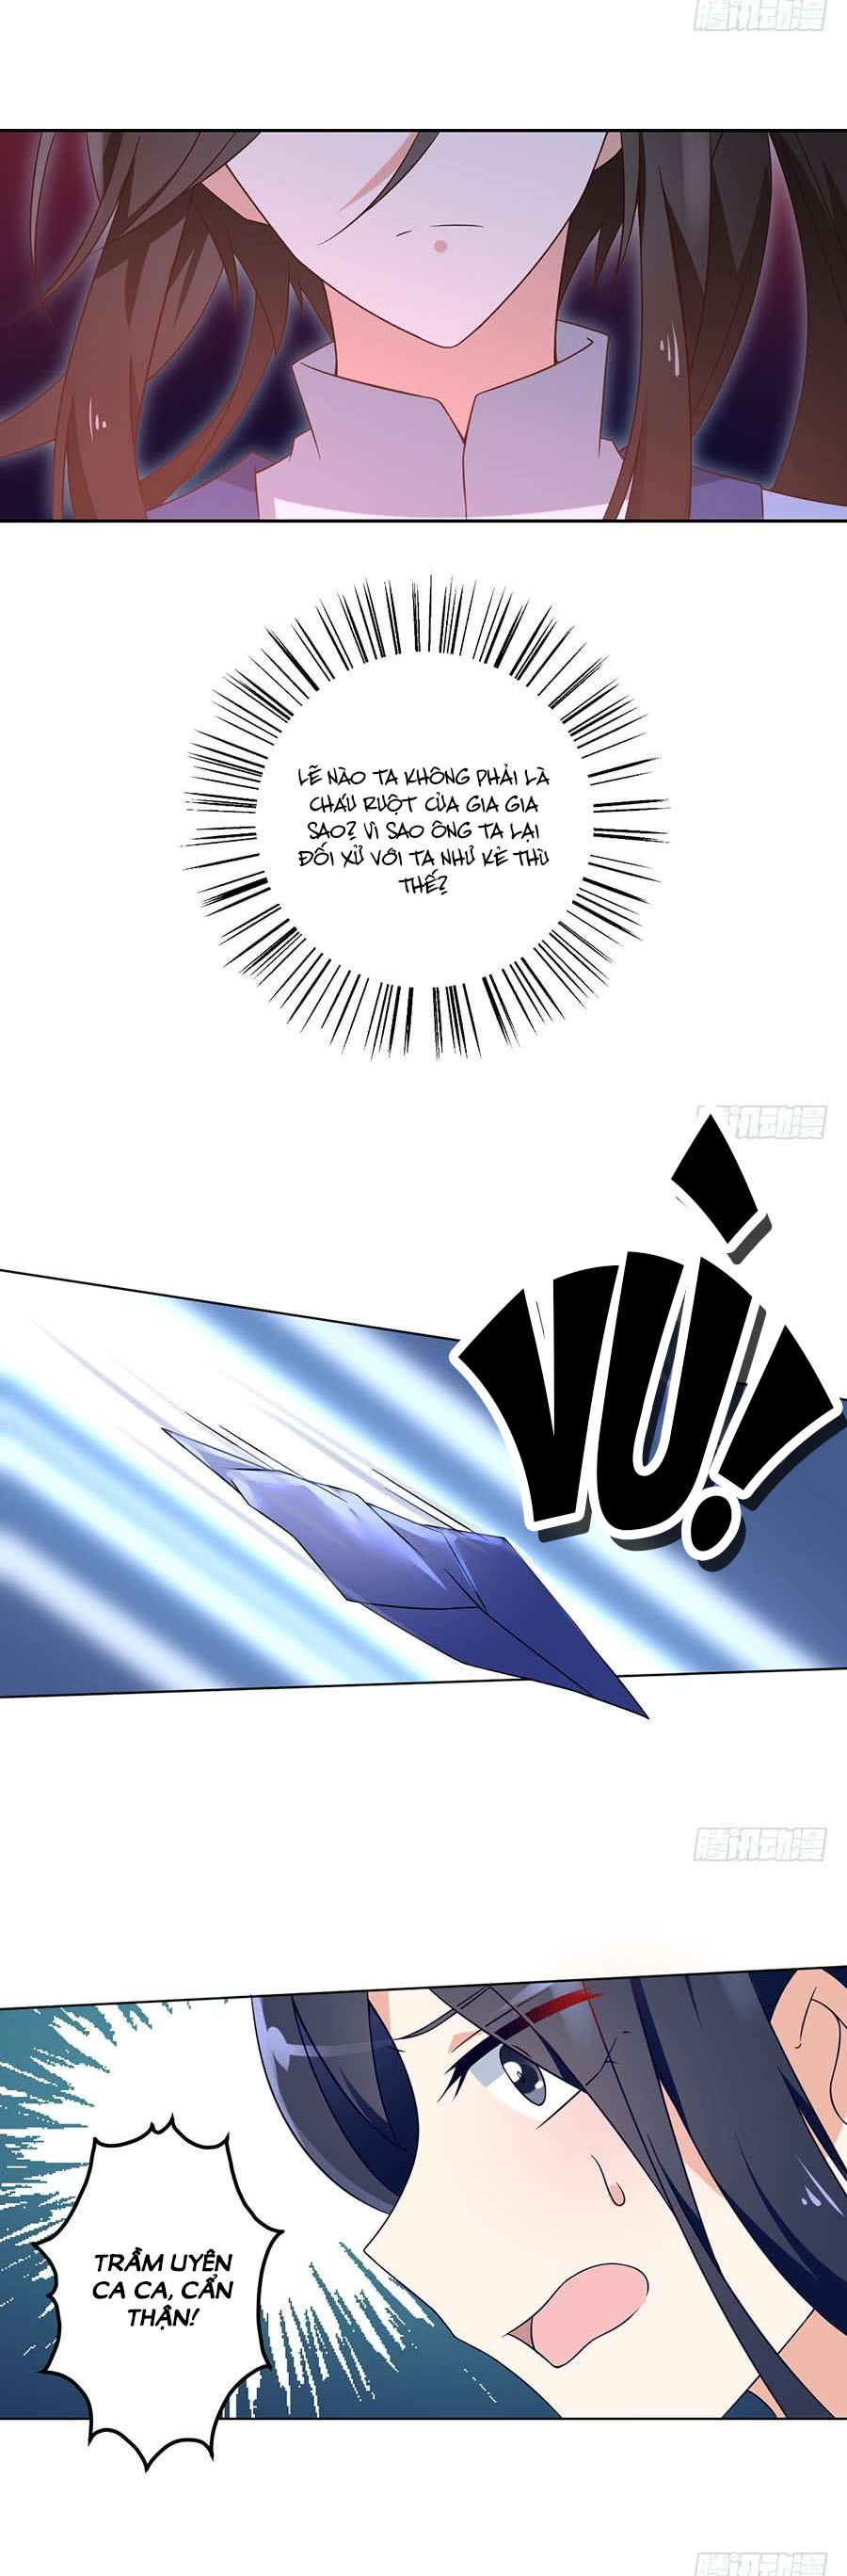 Manh Sư Tại Thượng chap 61 - Trang 9